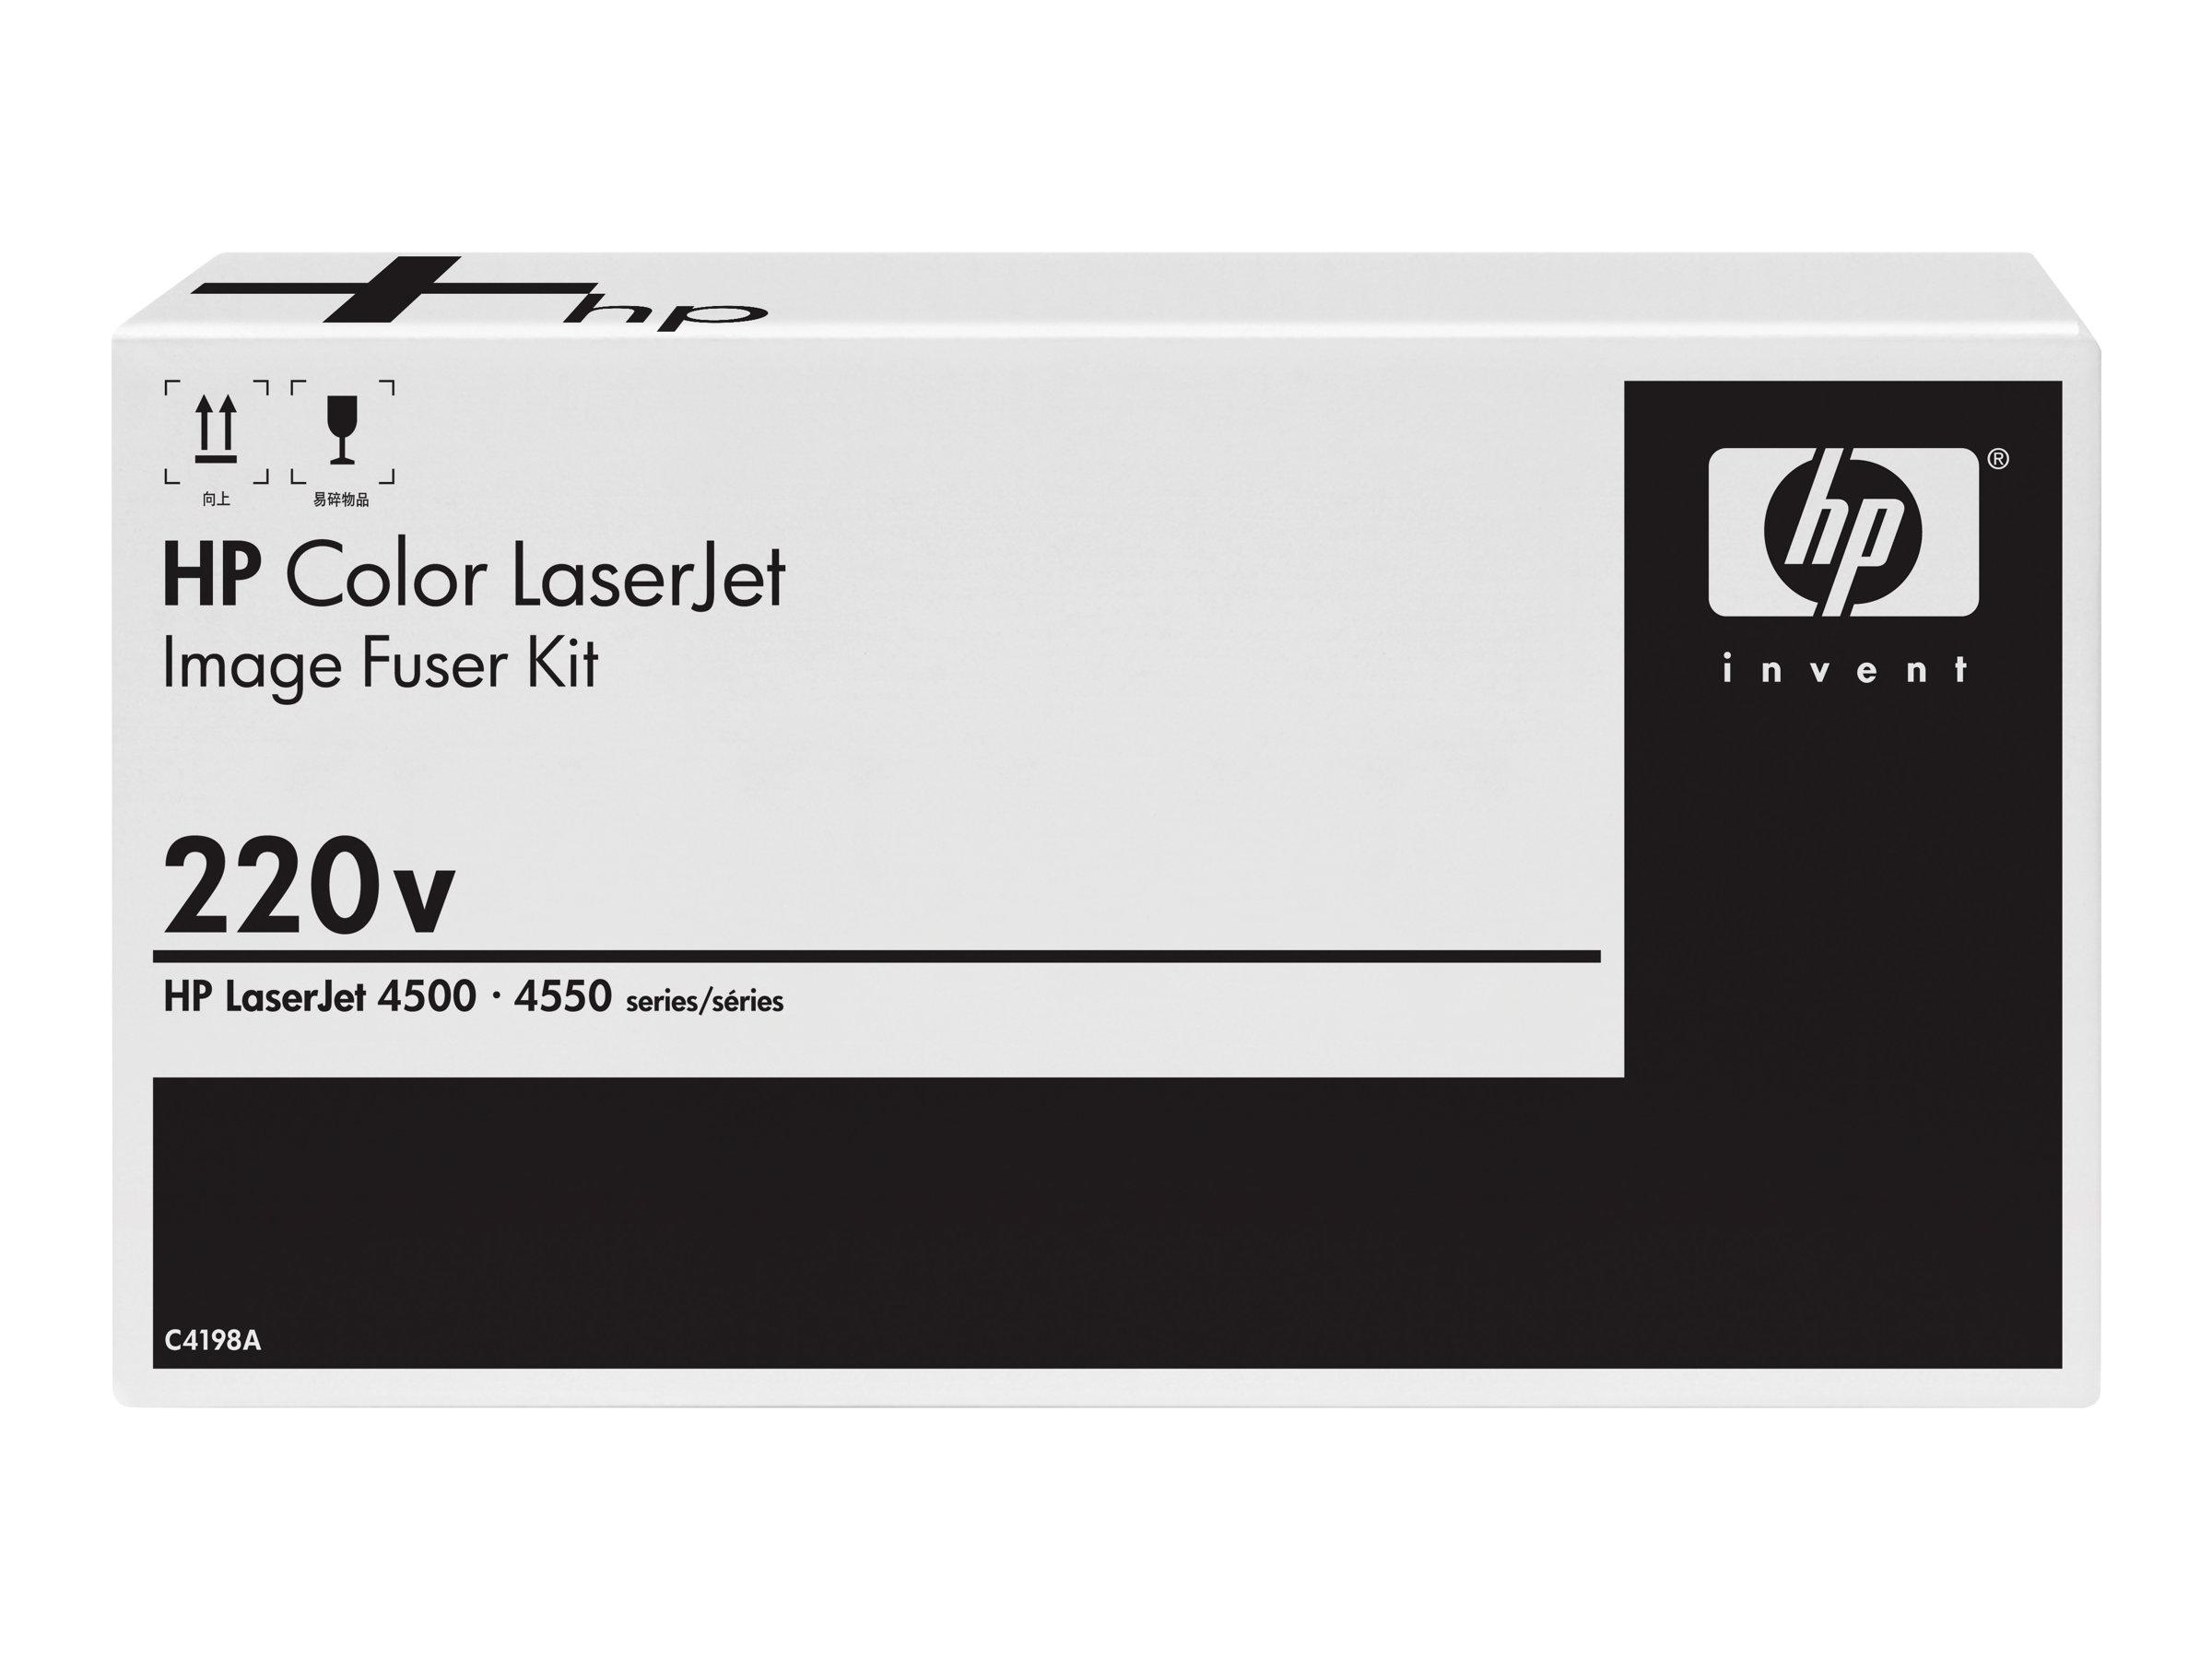 HP - Kit für Fixiereinheit - für Color LaserJet 4500, 4500dn, 4500n, 4550, 4550DN, 4550HDN, 4550N